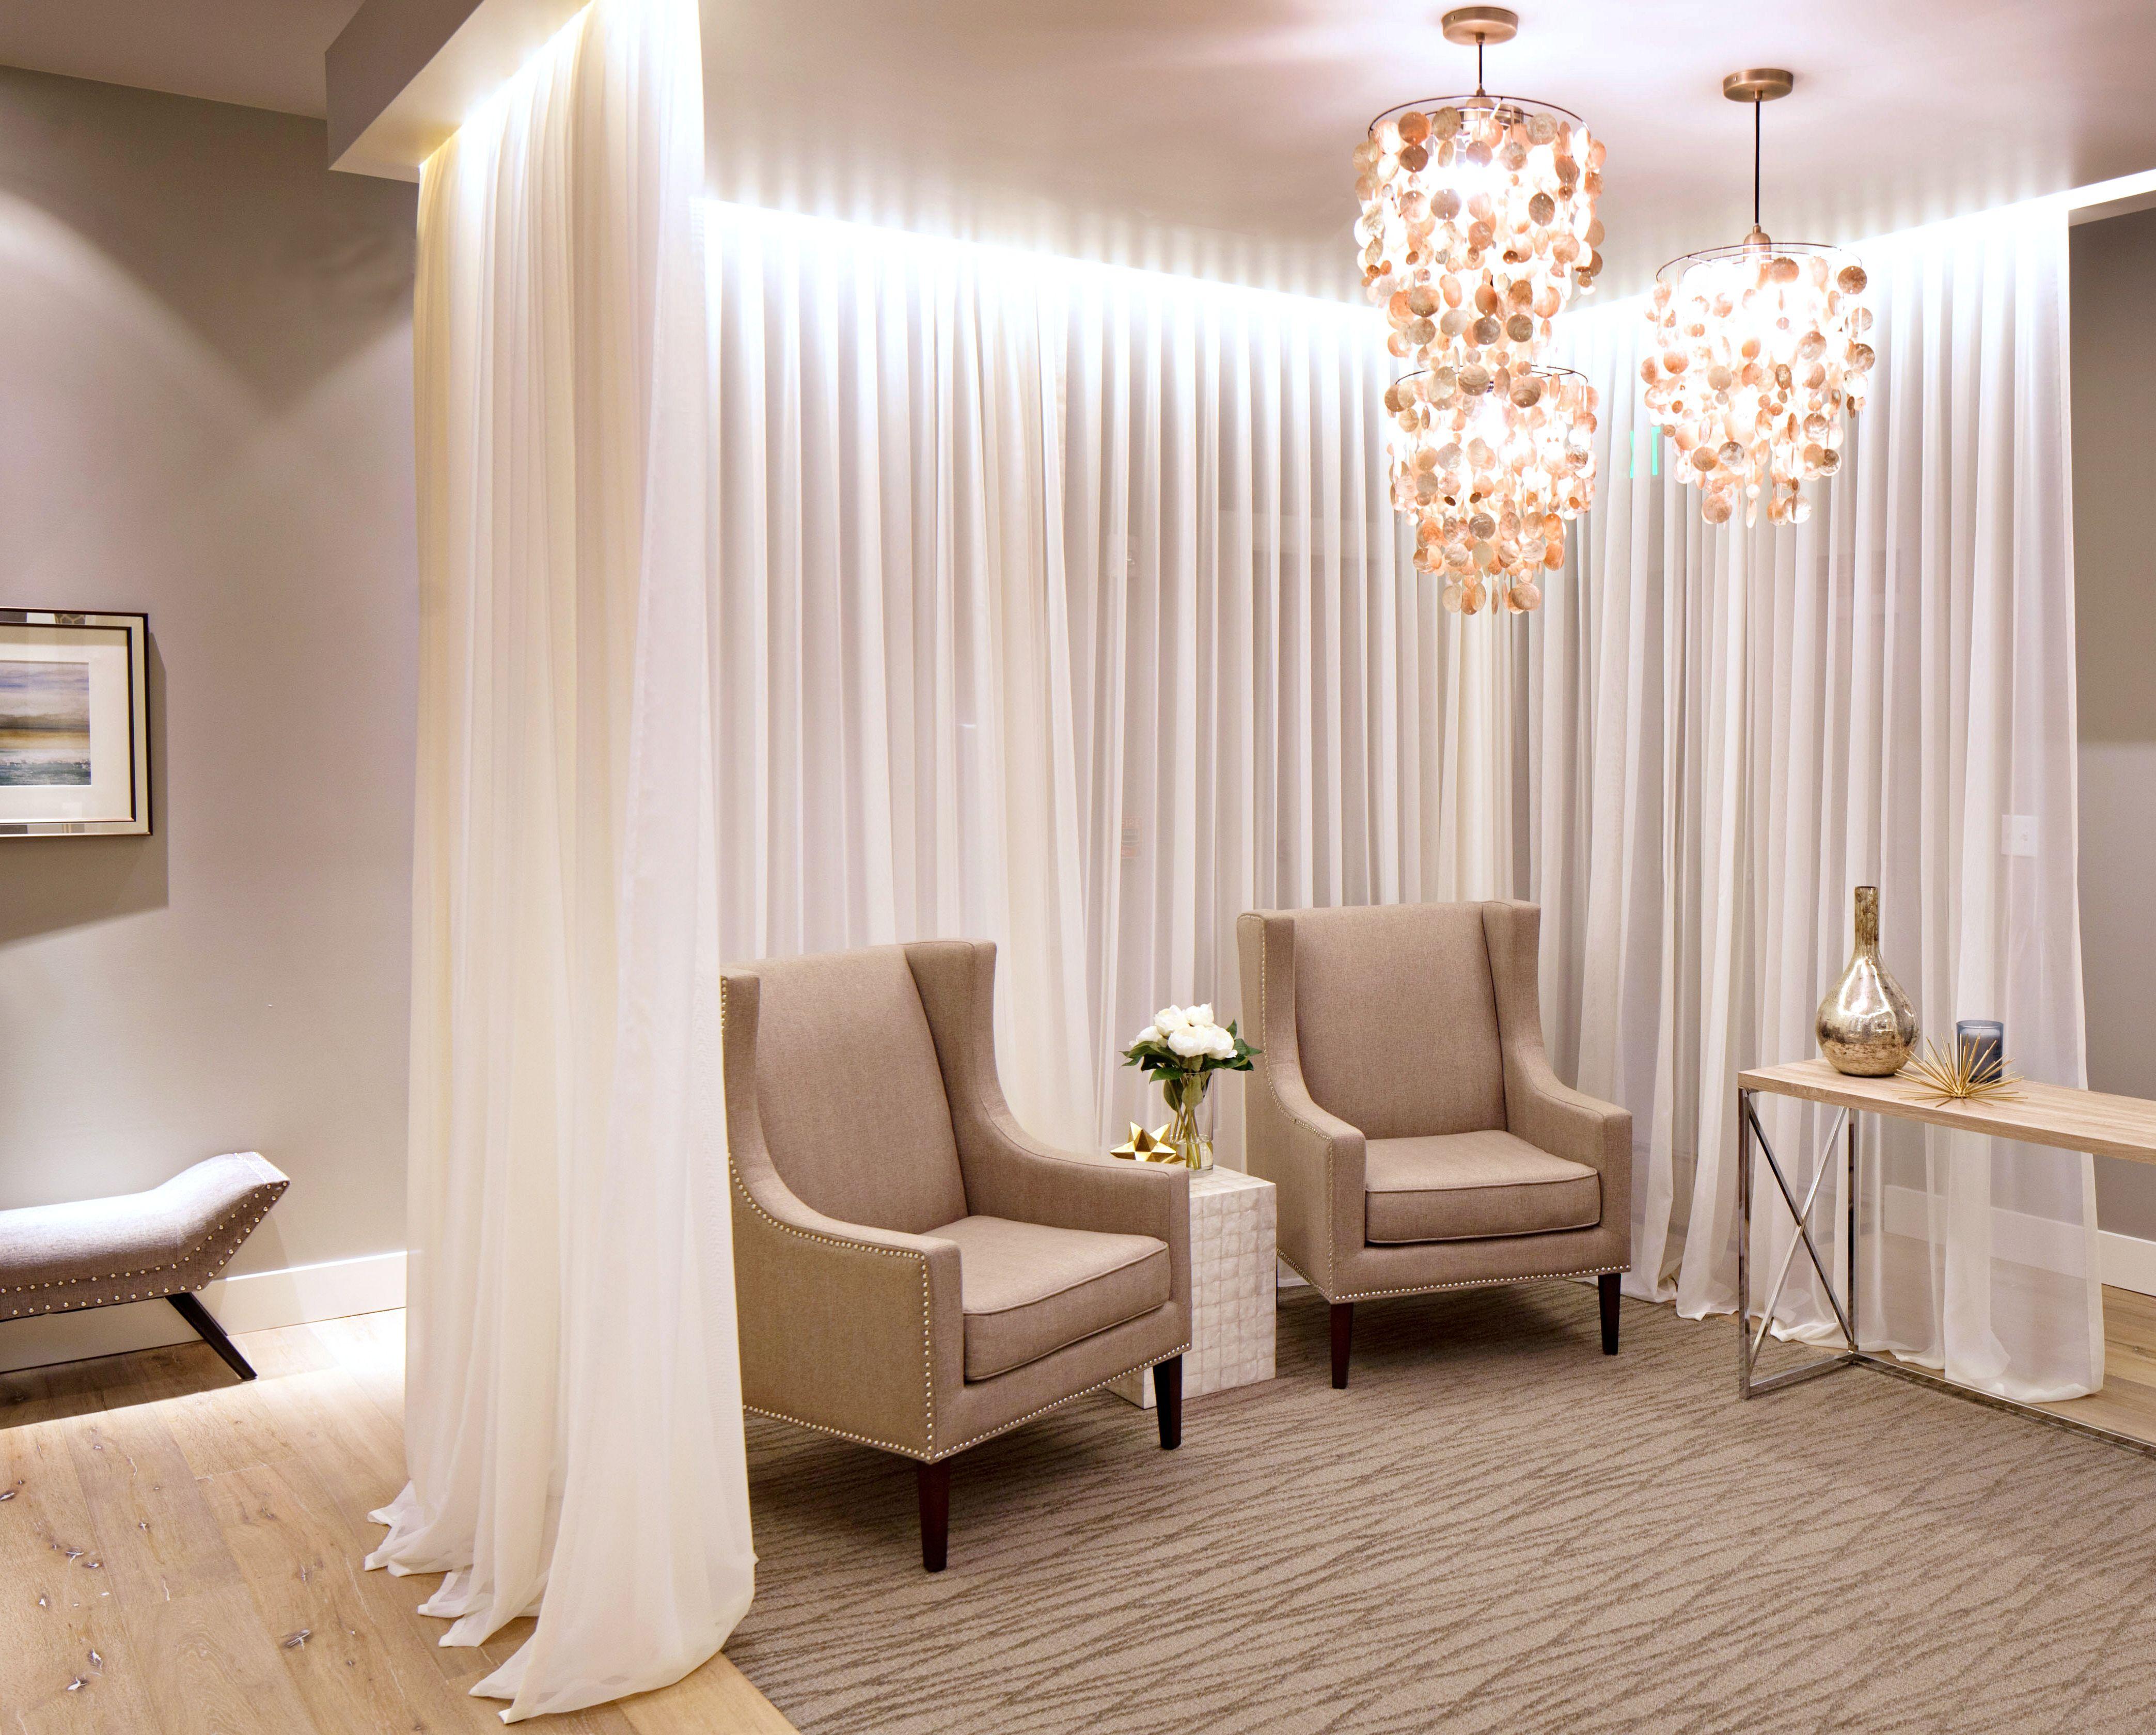 Pernuladesign Com Spa Design Interior Design Relaxation Room